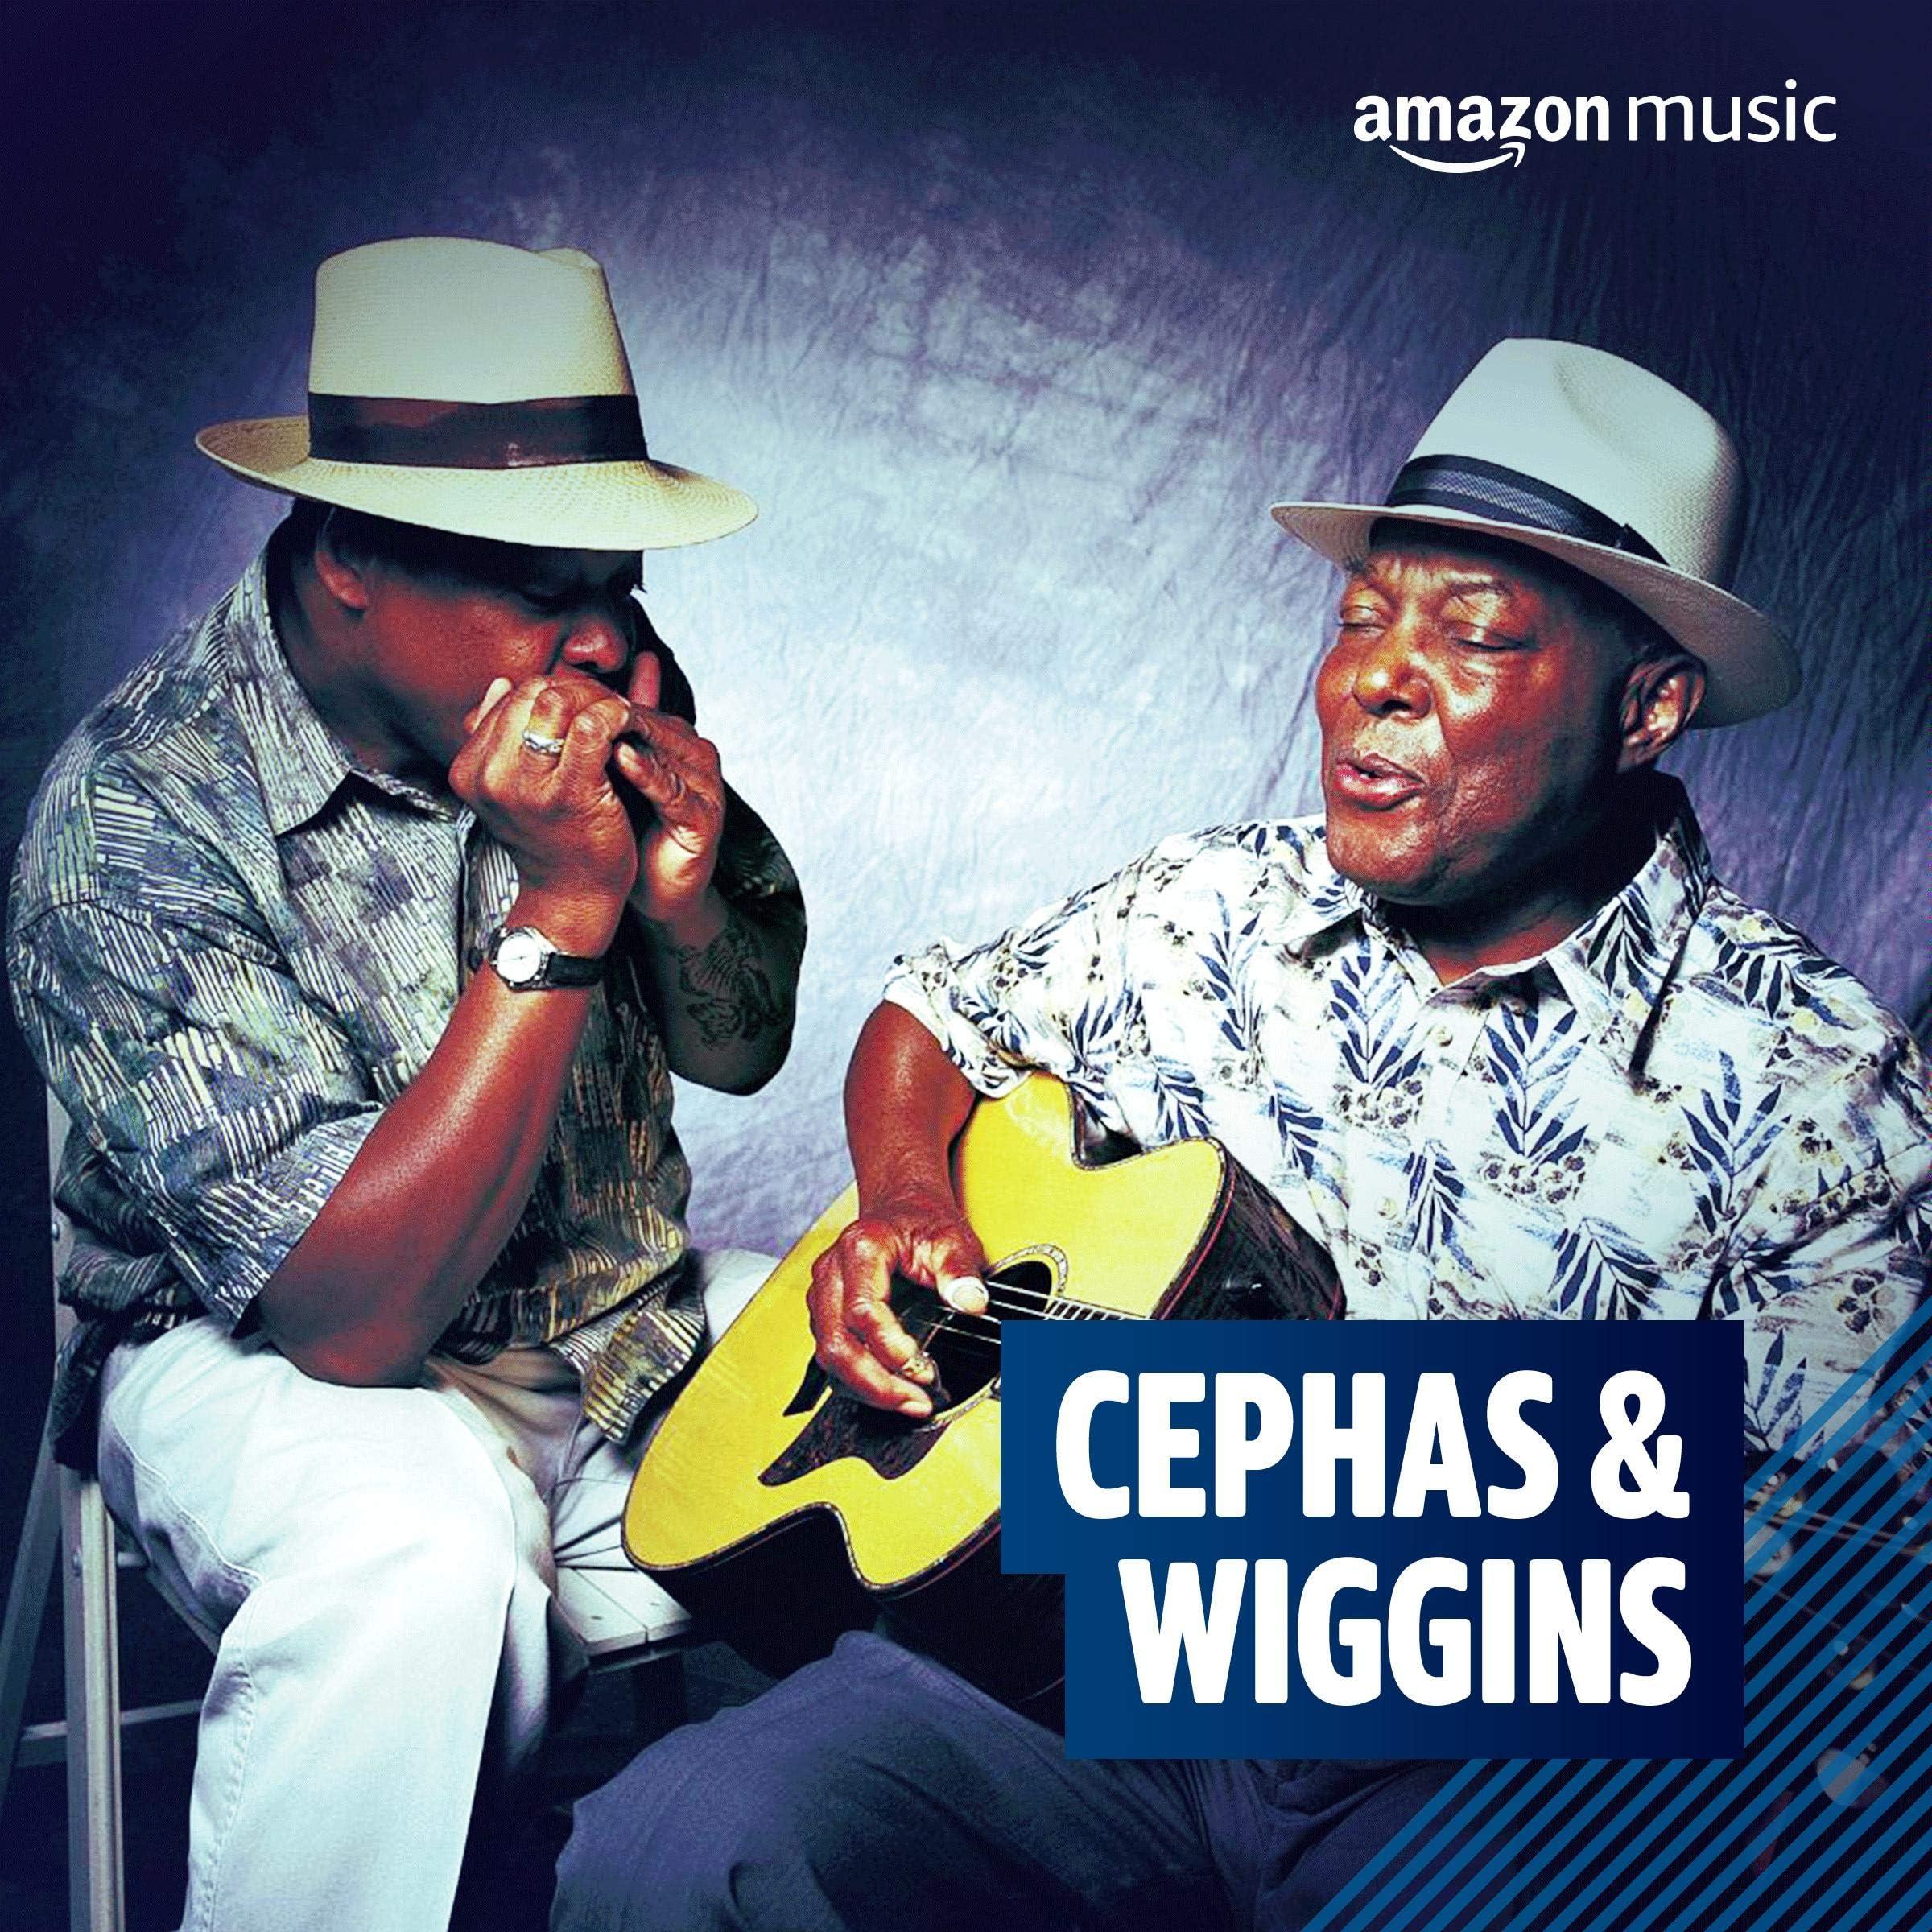 Cephas & Wiggins